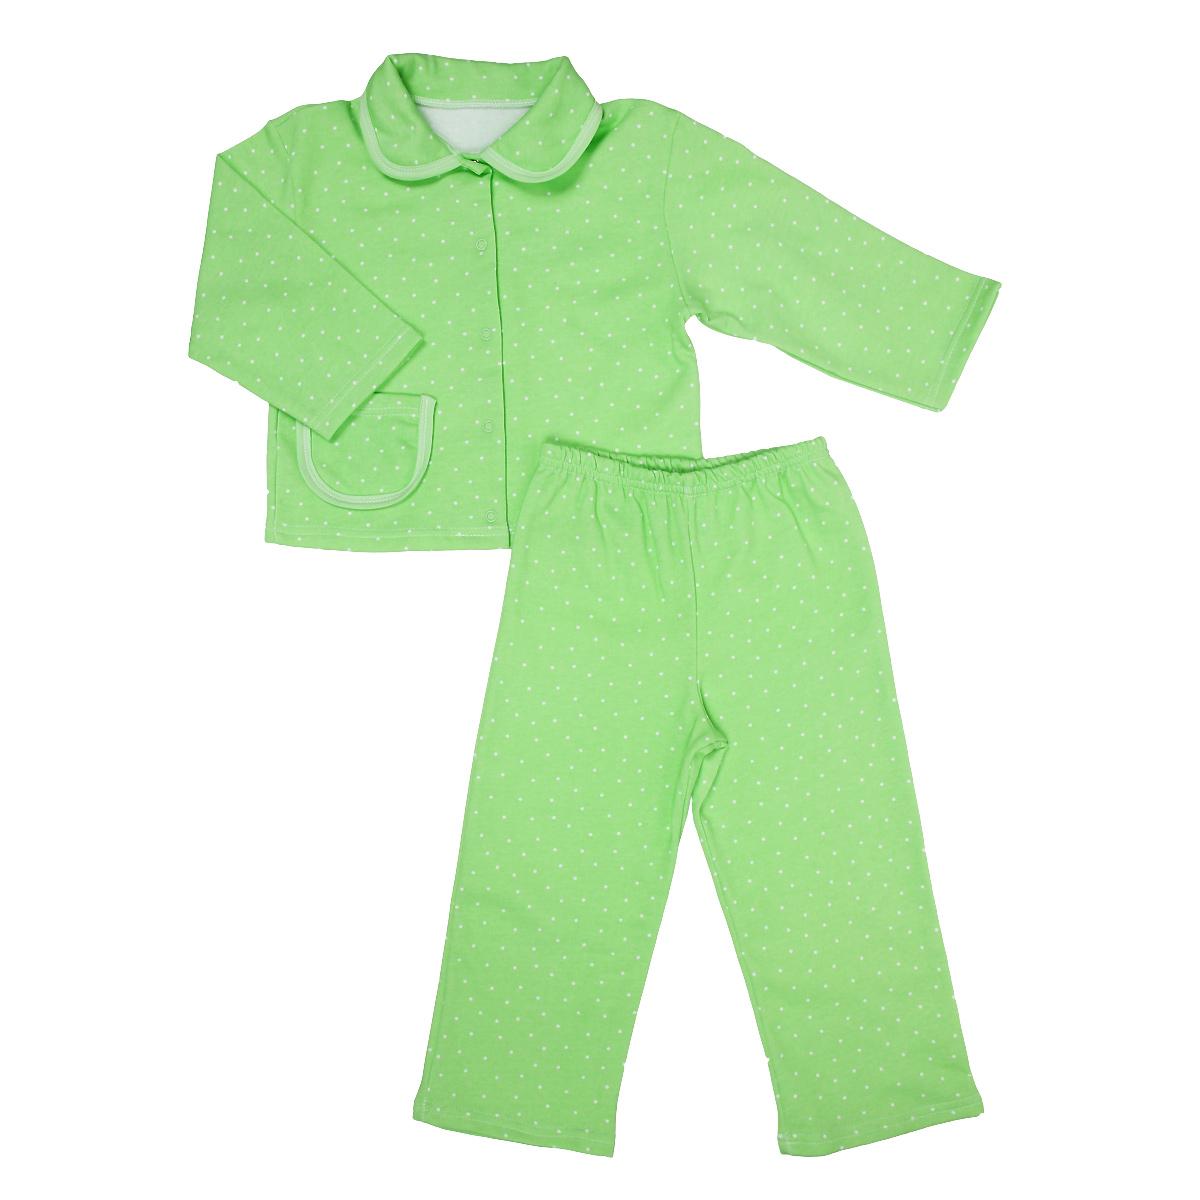 Пижама детская. 55525552Яркая детская пижама Трон-плюс, состоящая из кофточки и штанишек, идеально подойдет вашему малышу и станет отличным дополнением к детскому гардеробу. Теплая пижама, изготовленная из набивного футера - натурального хлопка, необычайно мягкая и легкая, не сковывает движения ребенка, позволяет коже дышать и не раздражает даже самую нежную и чувствительную кожу малыша. Кофта с длинными рукавами имеет отложной воротничок и застегивается на кнопки, также оформлена небольшим накладным карманчиком. Штанишки на удобной резинке не сдавливают животик ребенка и не сползают. В такой пижаме ваш ребенок будет чувствовать себя комфортно и уютно во время сна.